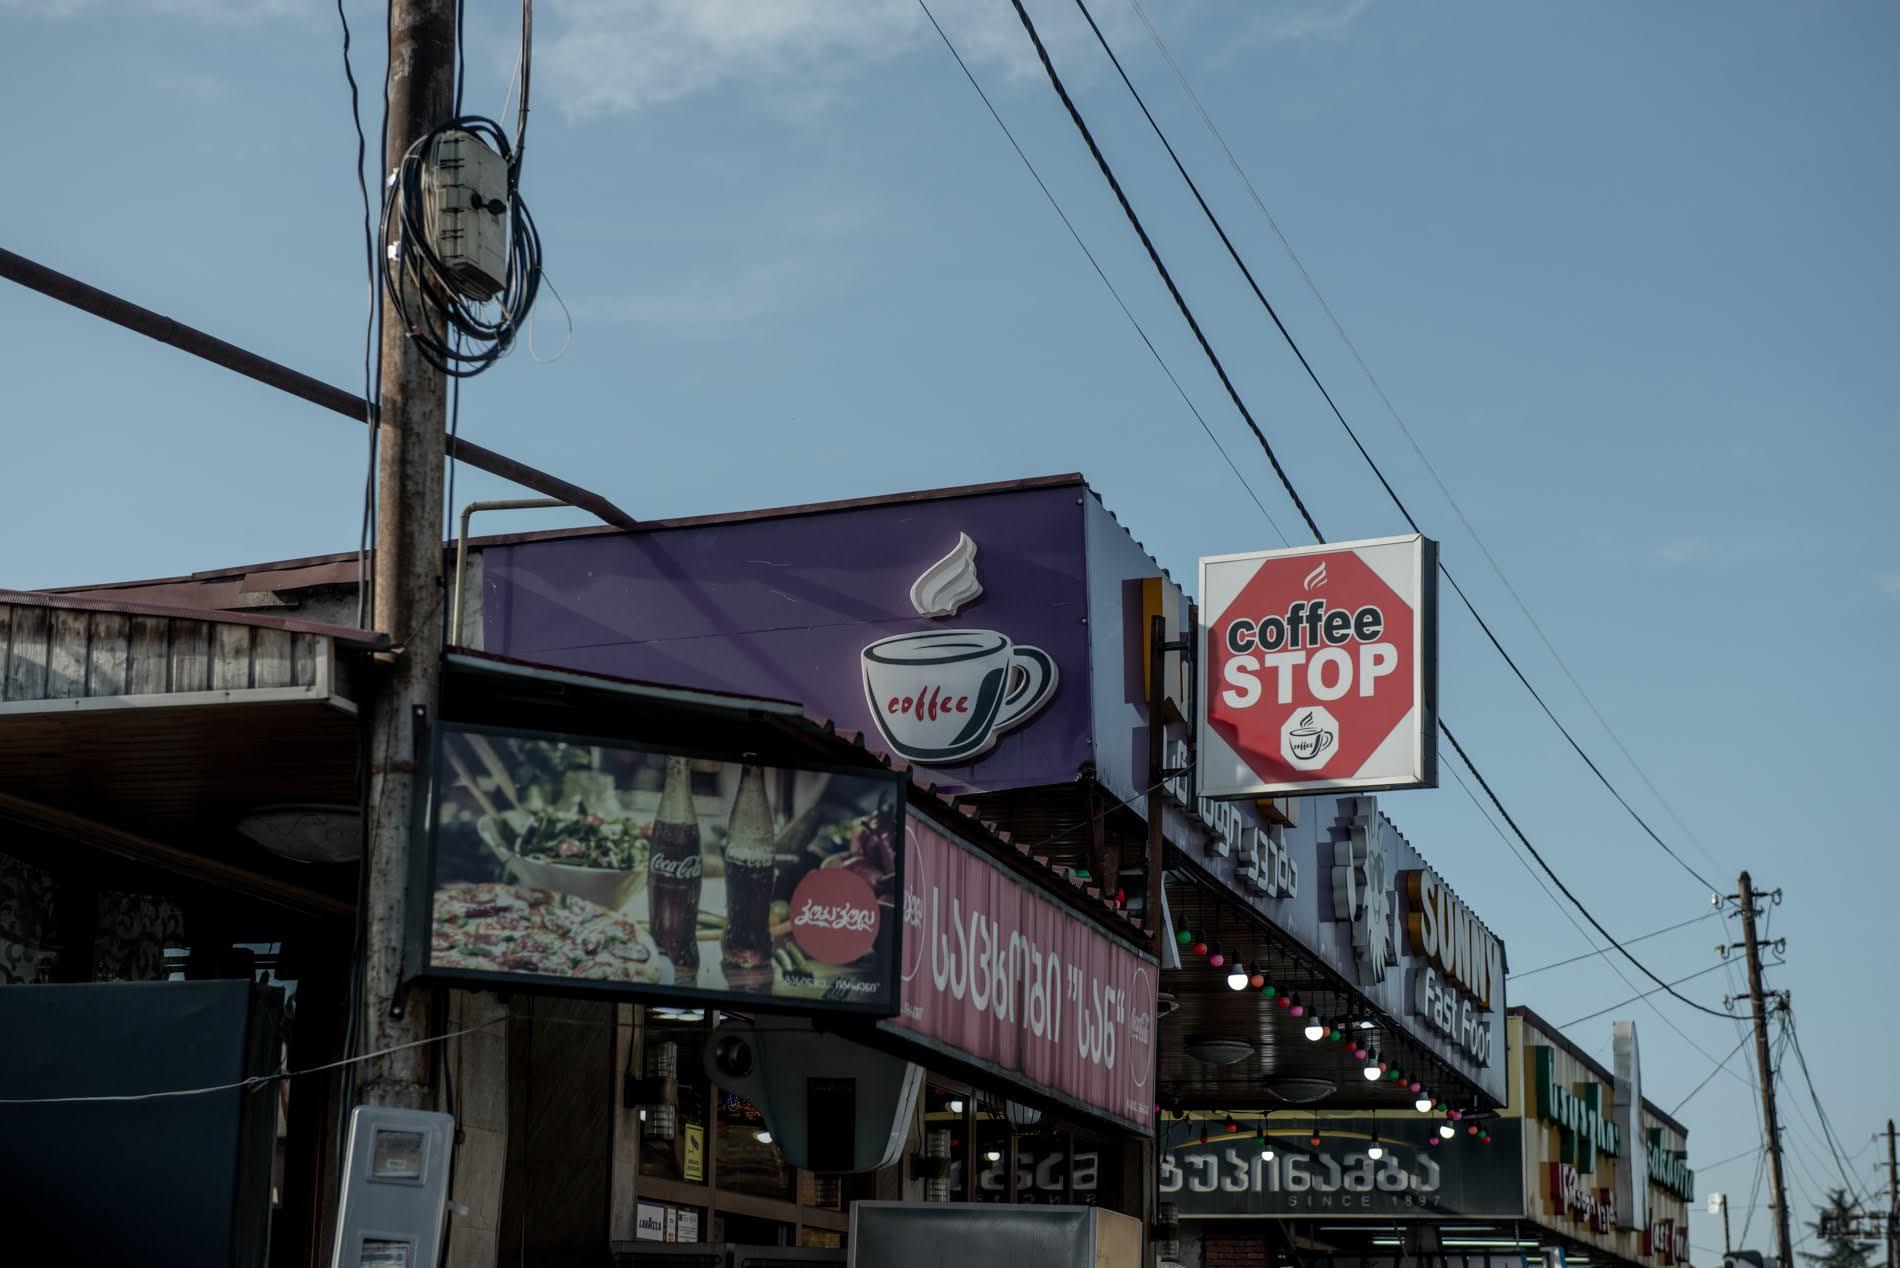 Zestaponi è diventato un centro fiorente per i bar, ma non è chiaro se questi sopravviveranno una volta che l'autostrada verrà spostata (Tamuna Chkareuli / OC Media)